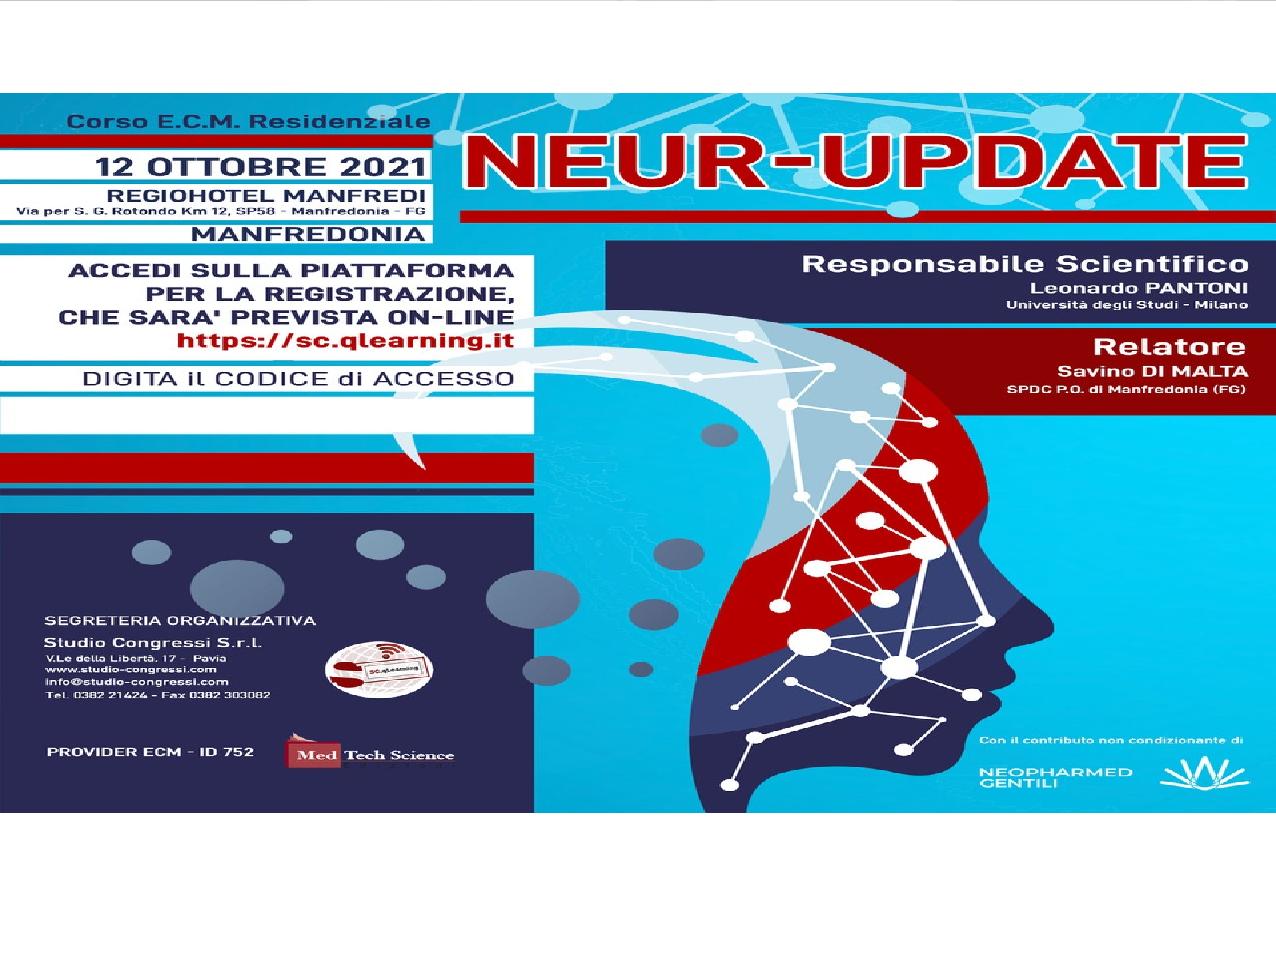 NGNn_P1/21 - 12.10.21